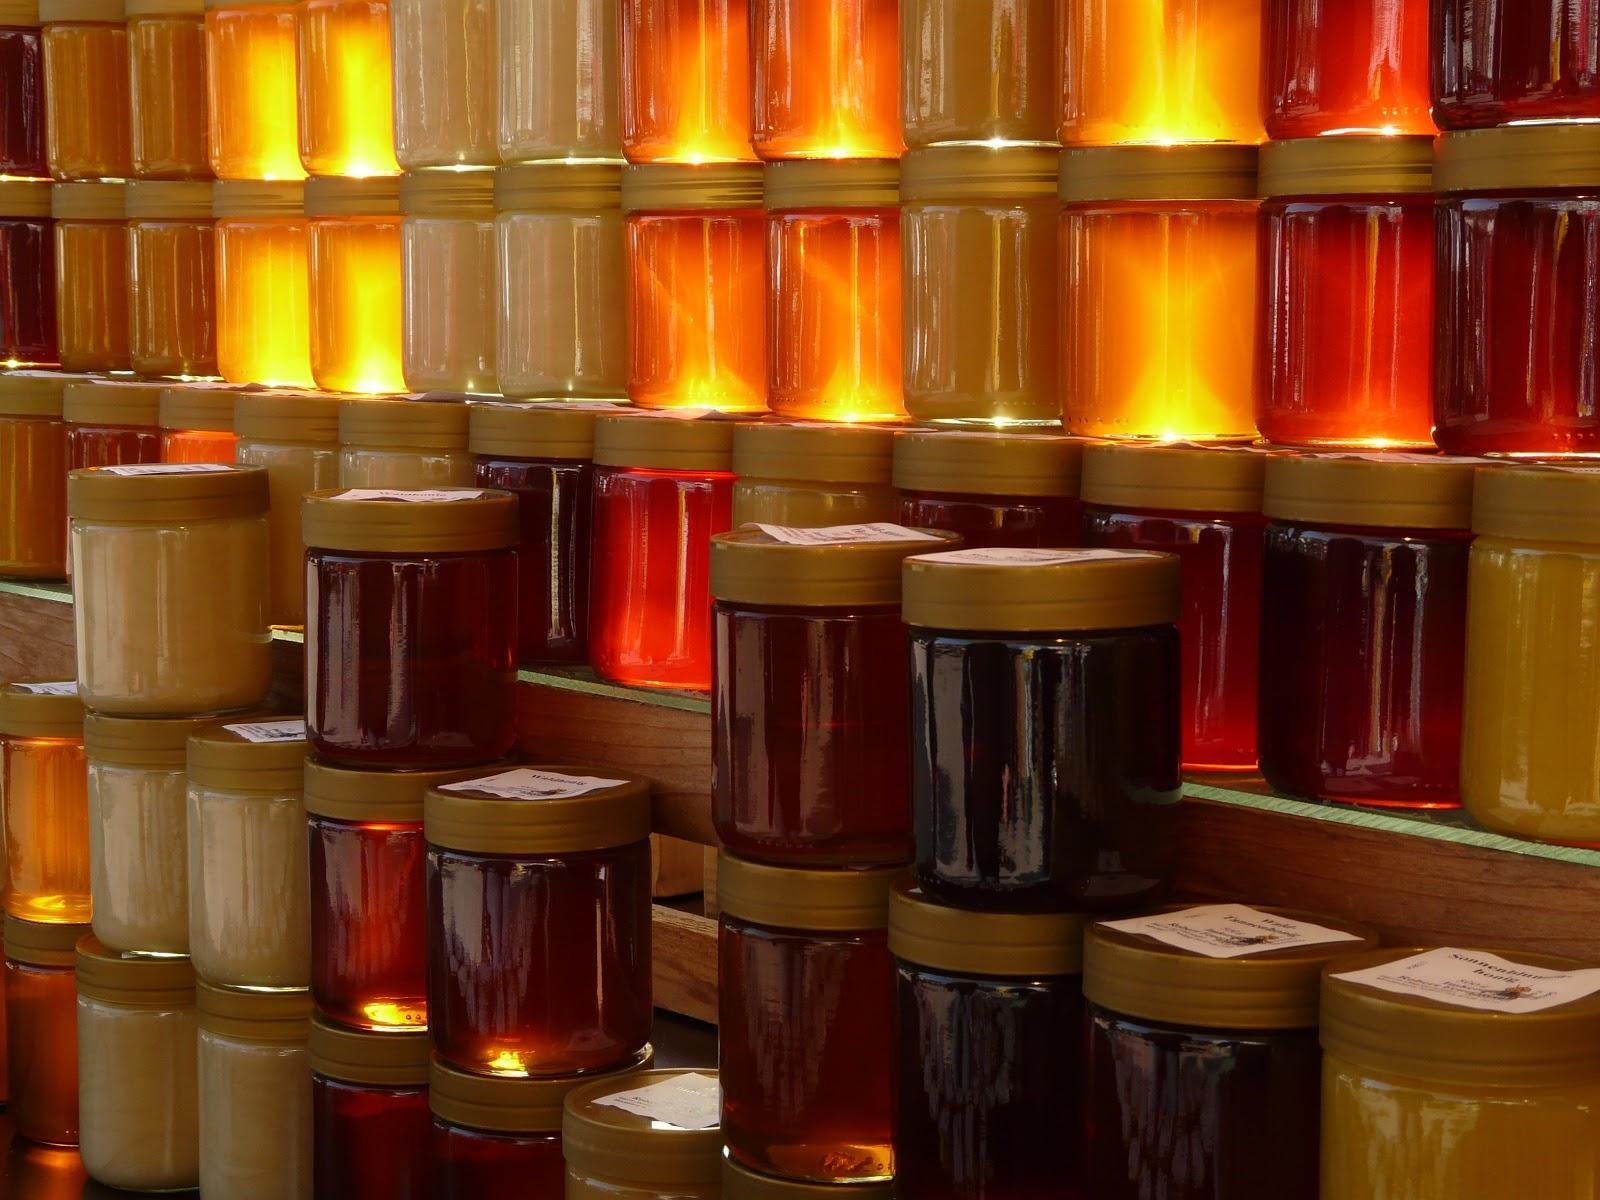 棚に置かれた何種類もの蜂蜜の瓶